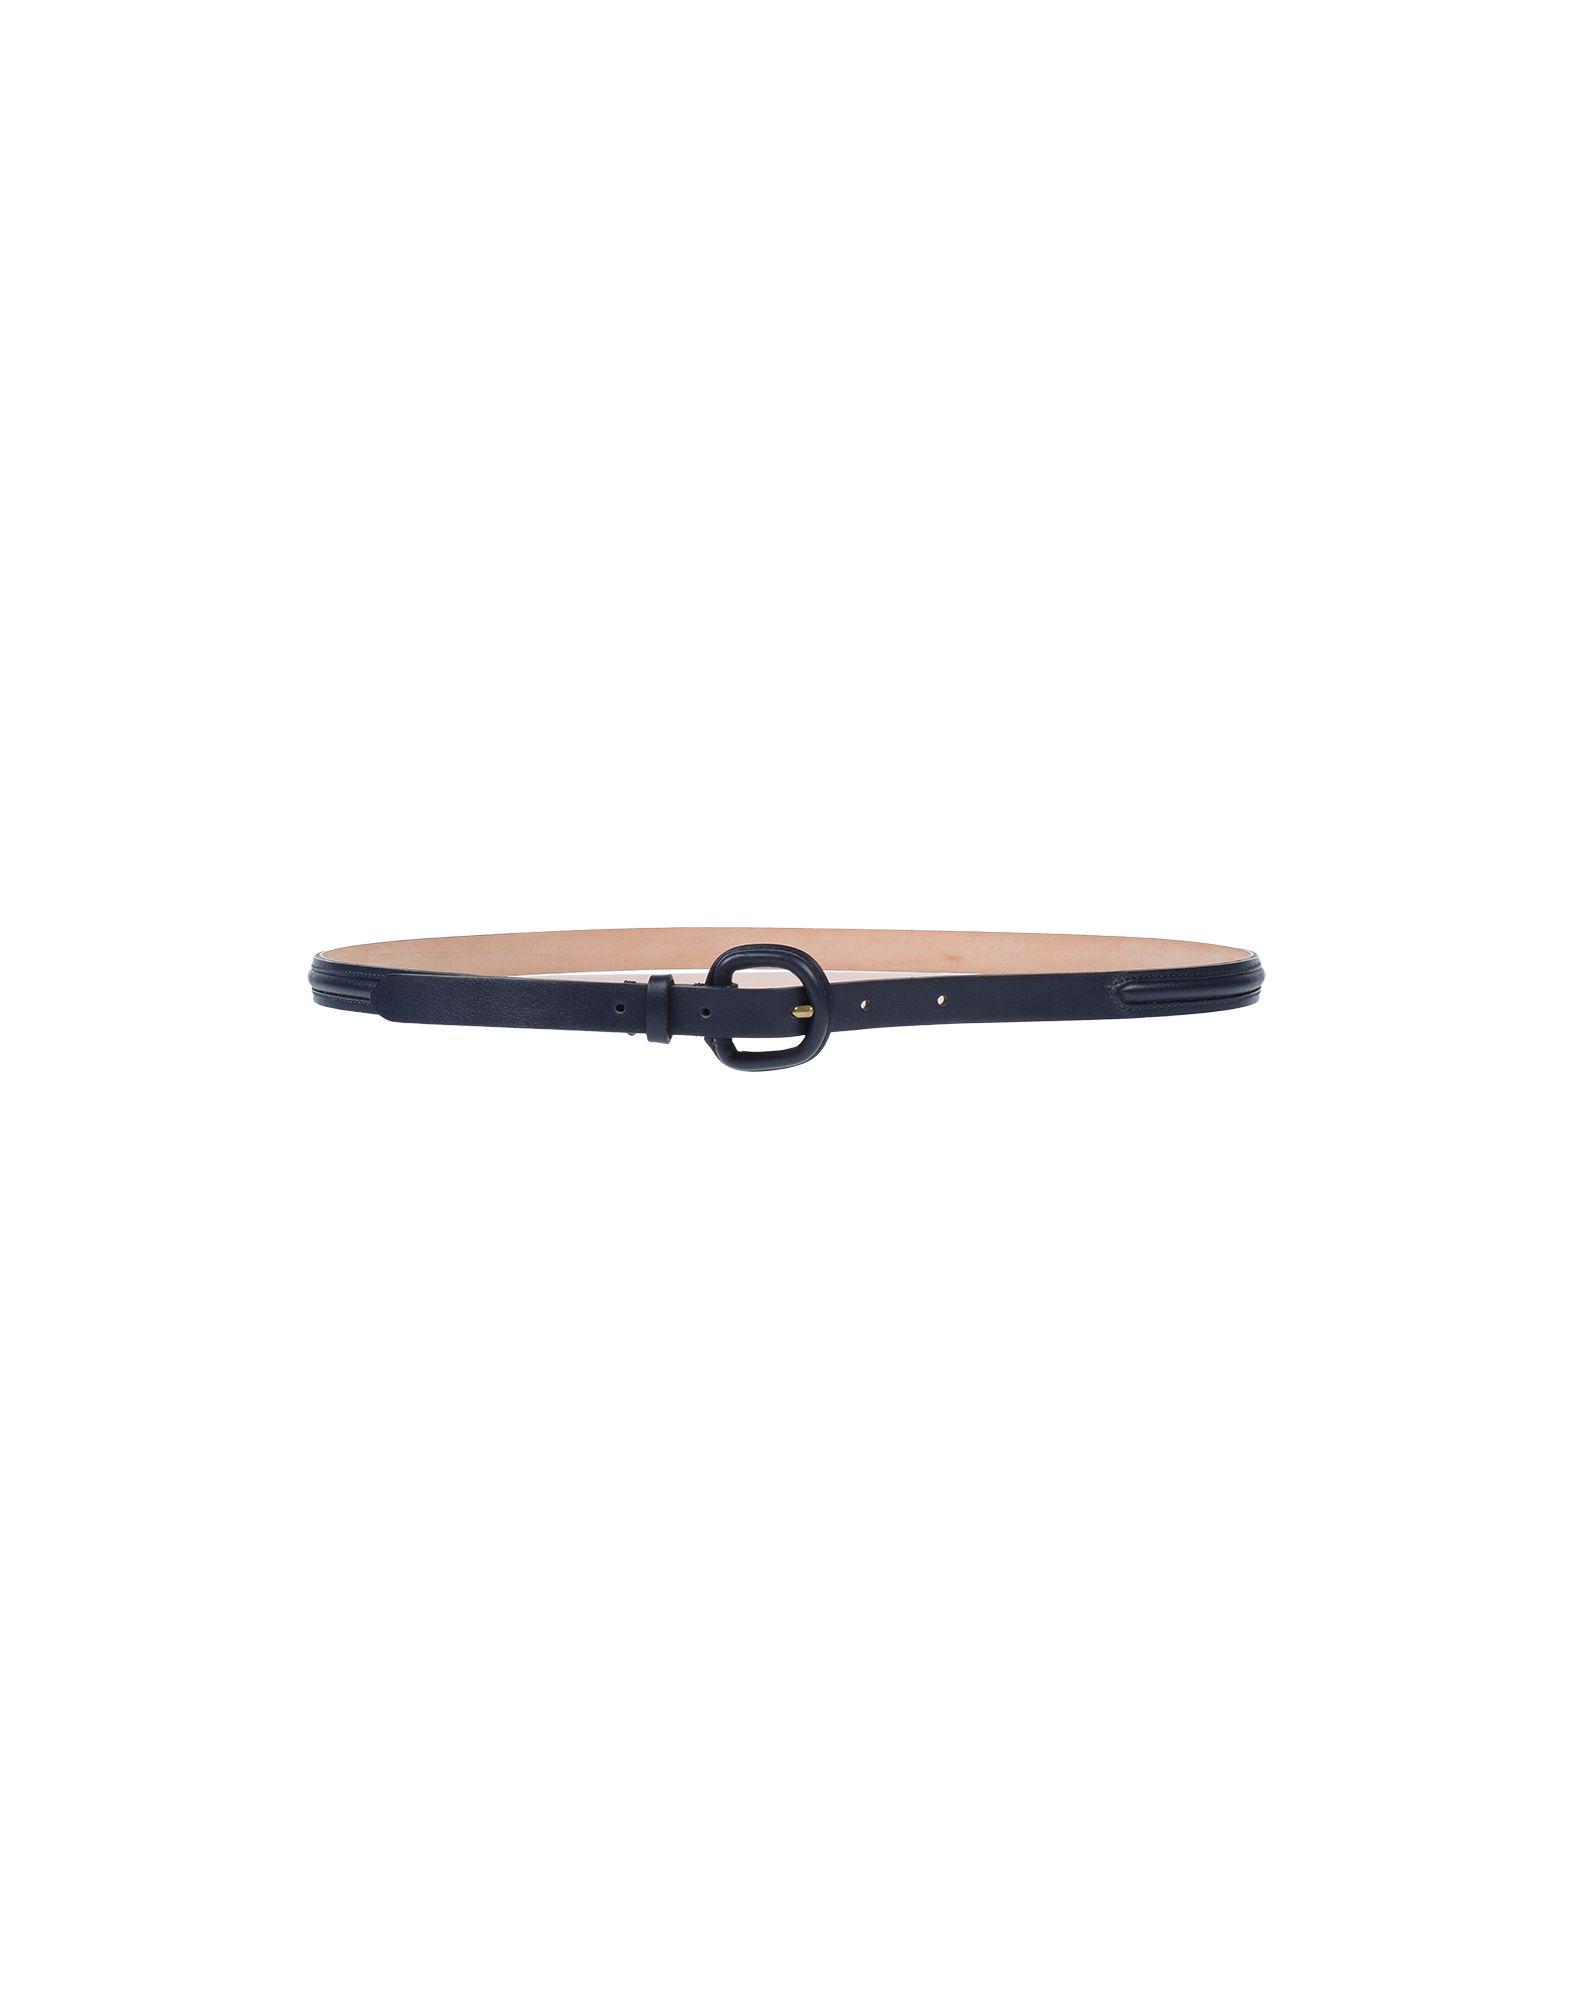 Etro Leather Belt In Dark Blue